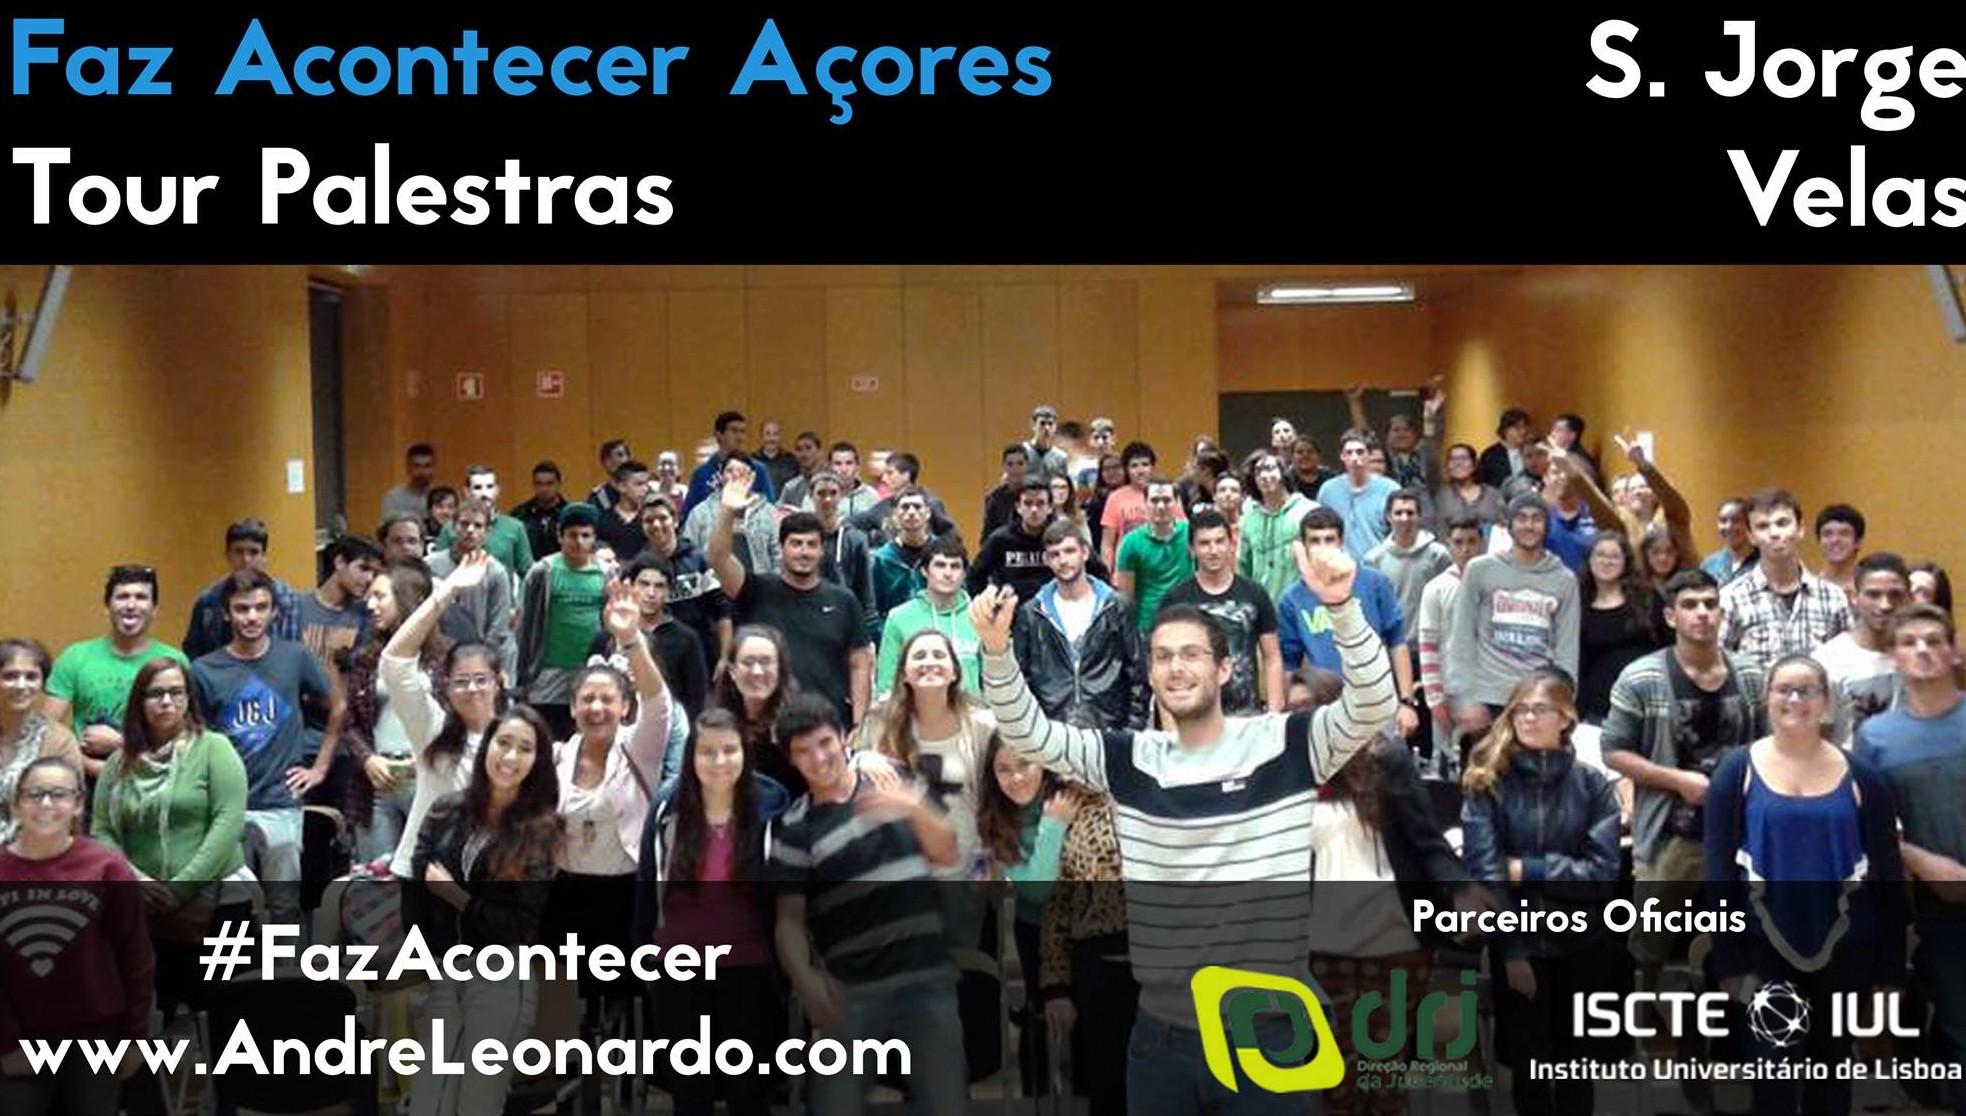 """Tour de palestras """"Faz Acontecer Açores"""", por André Leonardo, arrancou esta terça-feira na EBS das Velas (c/áudio)"""